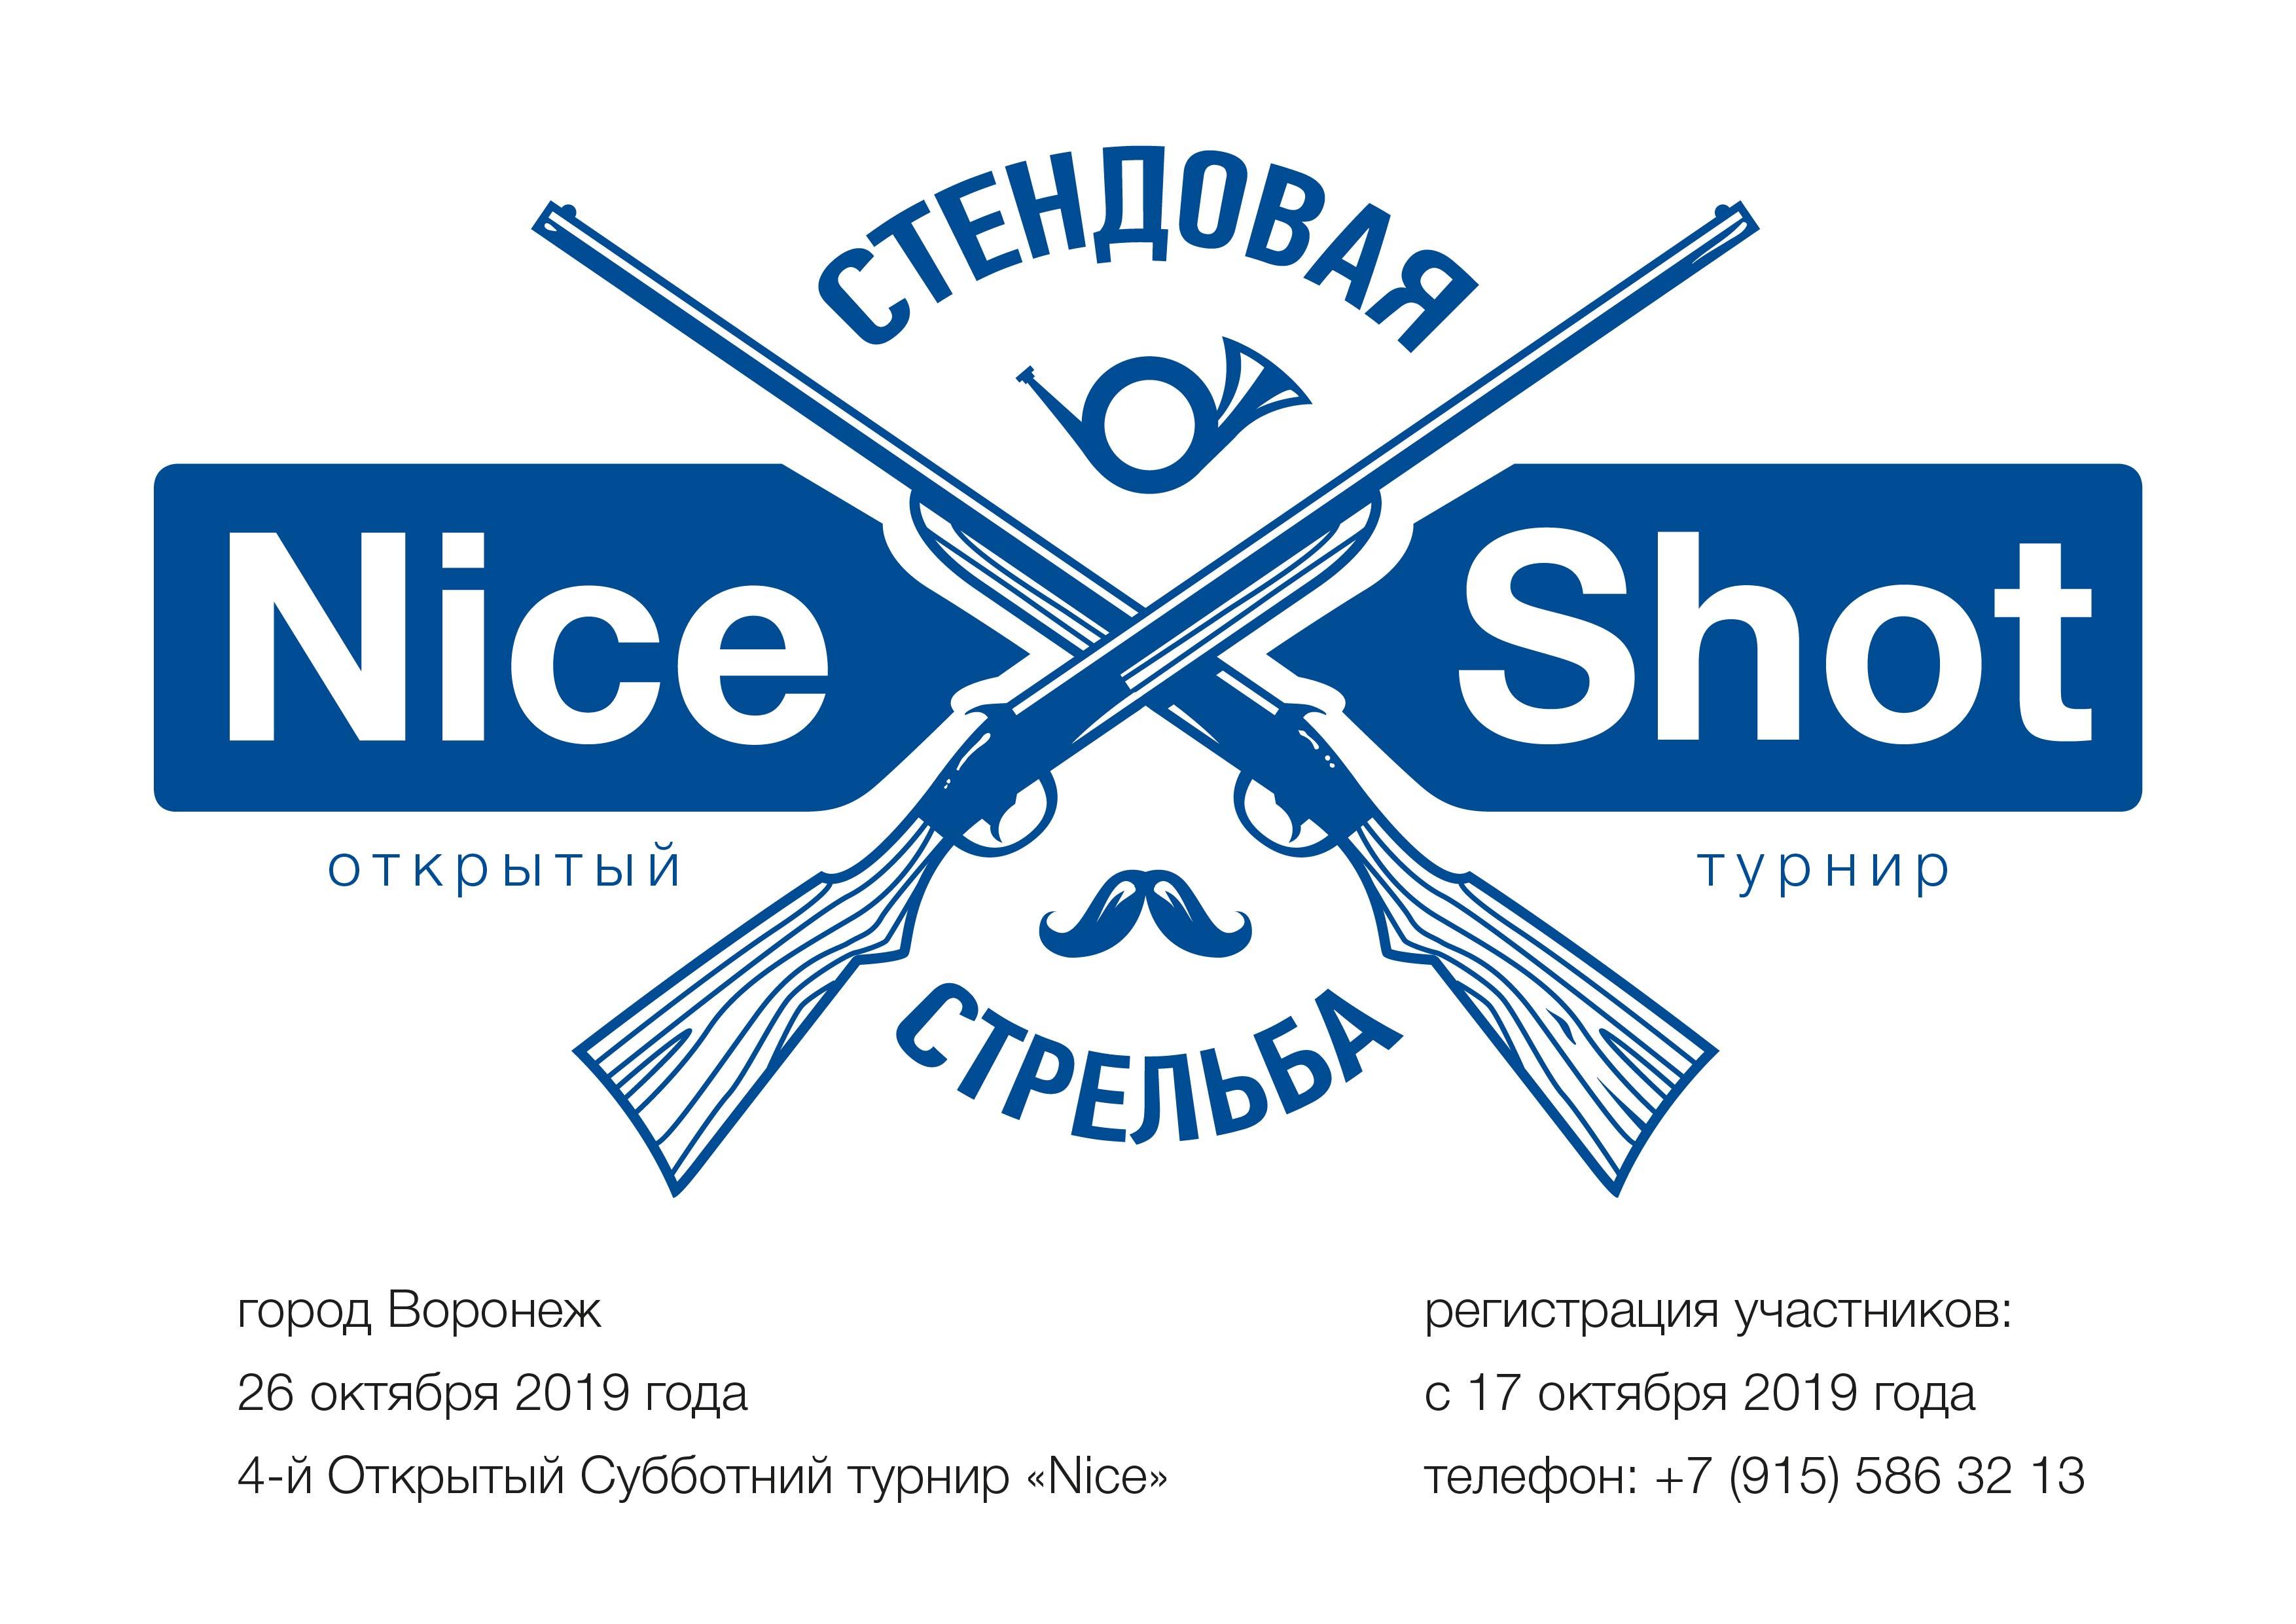 26 октября 2019 года в городе Воронеже состоится 4-й Открытый Субботний турнир «Nice» по стендовой стрельбе!